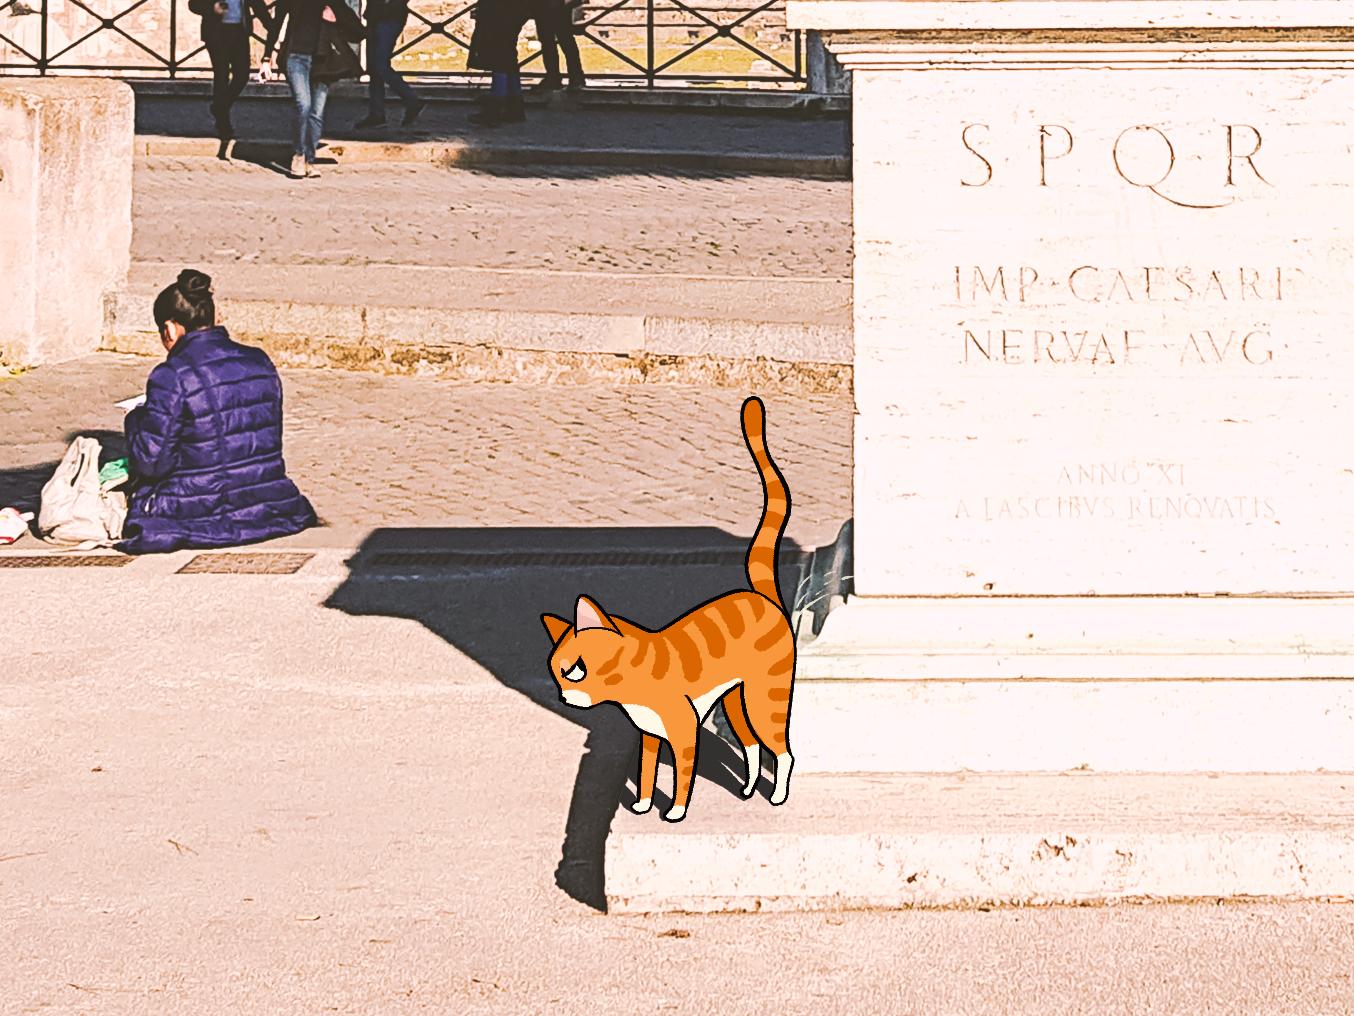 spqr-cat